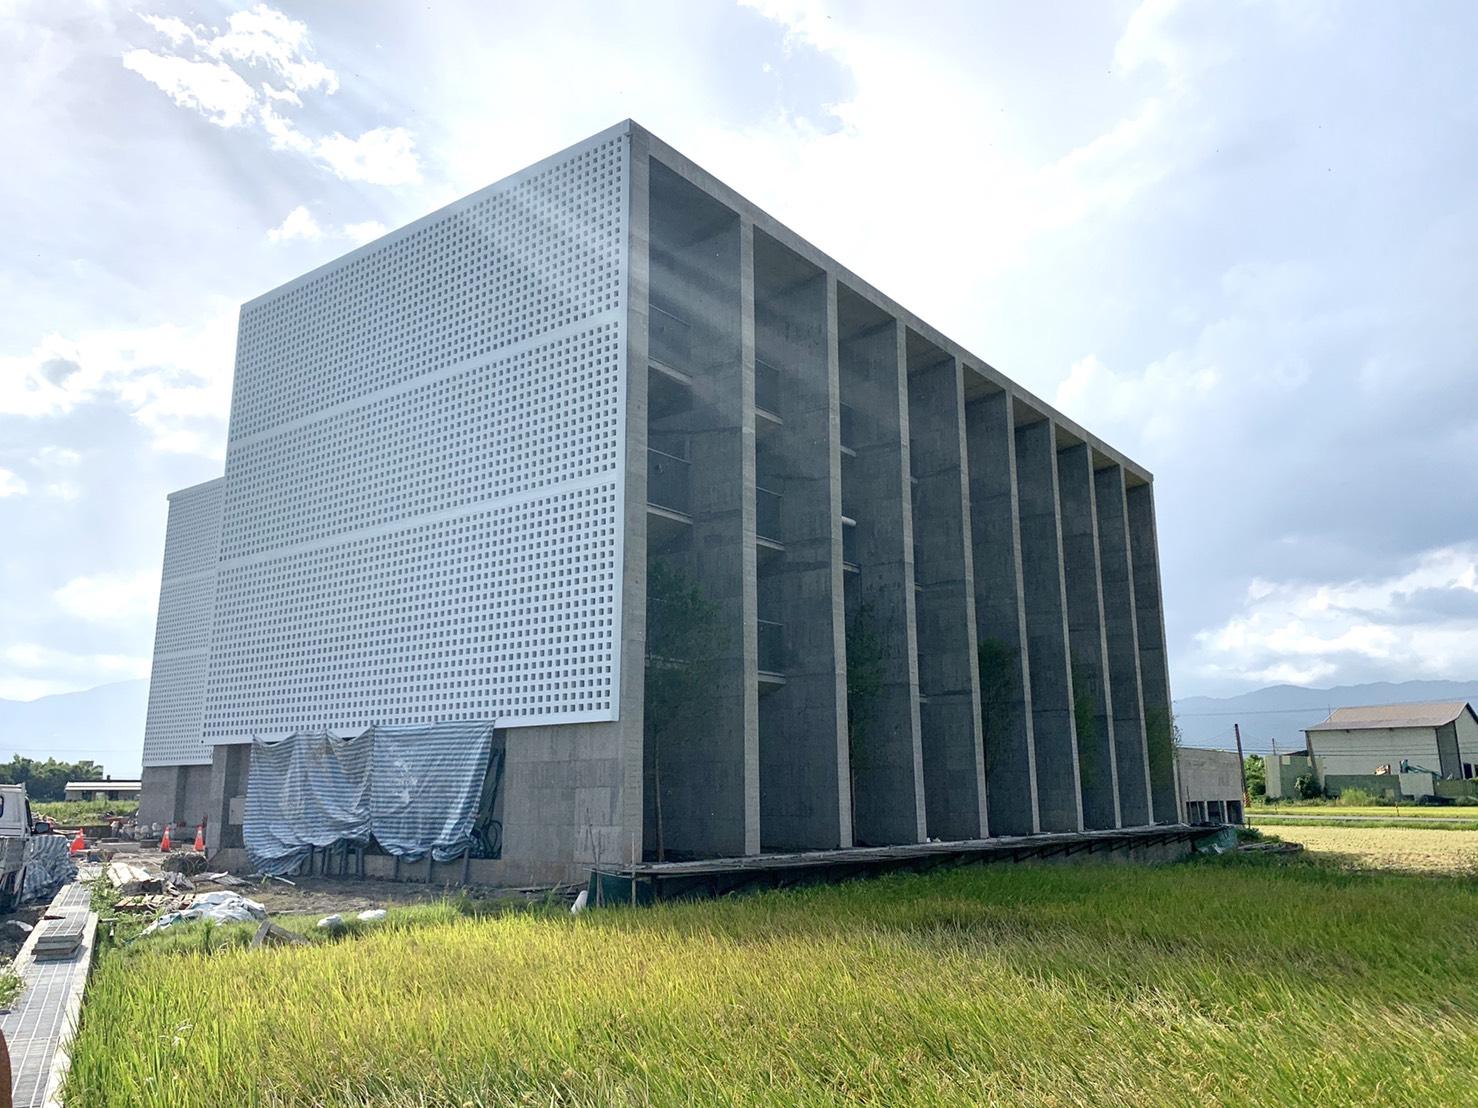 德築-DEZU-project-Zutian-architecture-real-estate-engineering-5